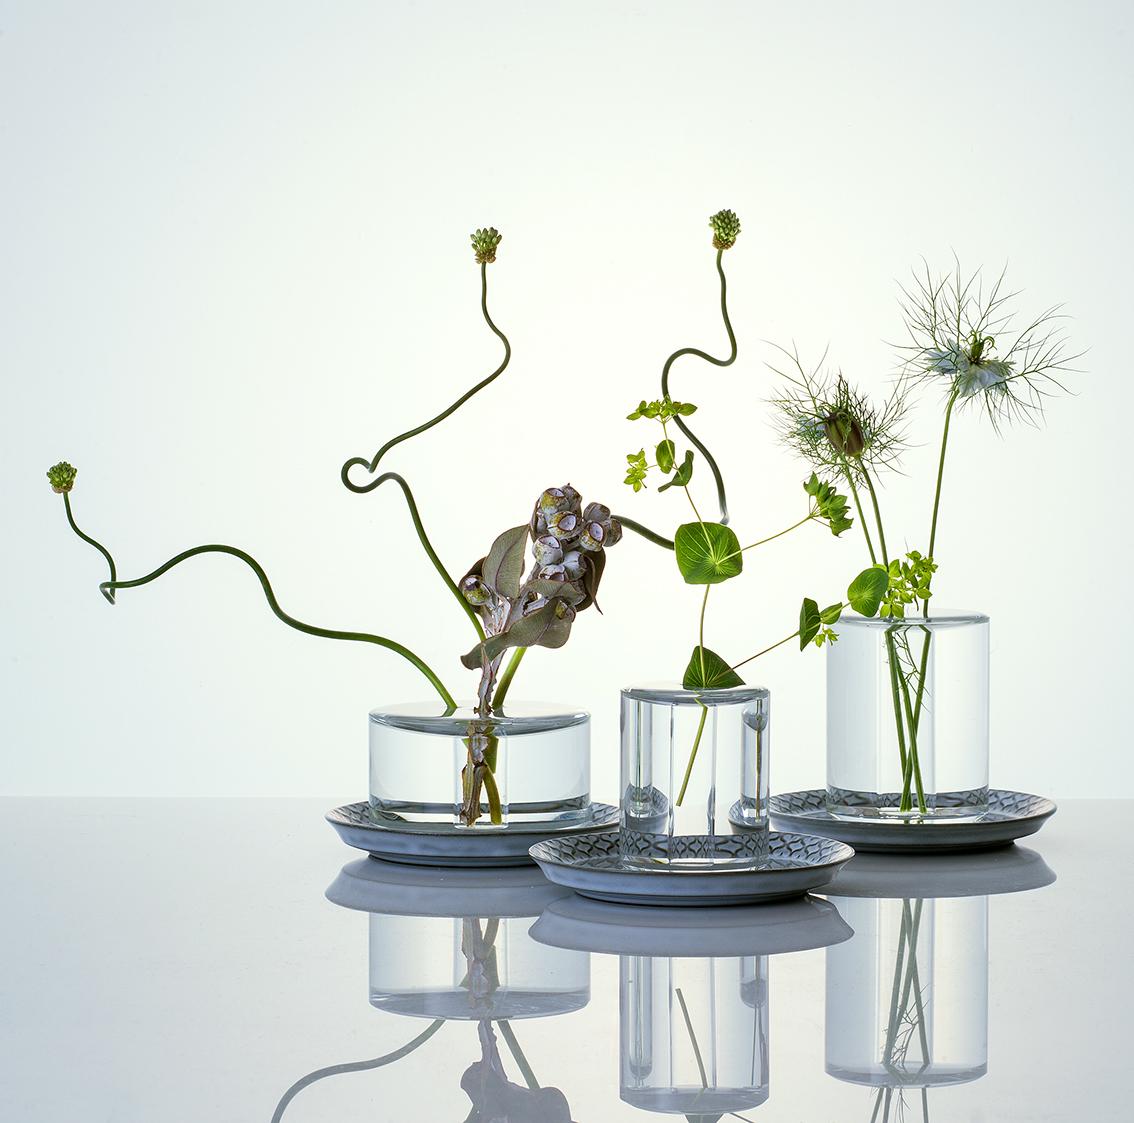 策展人:我依旧记得自己是如何被它吸引,如何被水面的美感所折服。 - 由新加坡设计工作室---Industry+设计,它将水晶花瓶、植物和水融为一体。水的表面张力成为了一种结构元素---容器顶部的浅层区域可以用来浇水。花瓶表面的水像是一种诗意的表达,彰显了花瓶的活力,也为花瓶里的植物注入了生机。